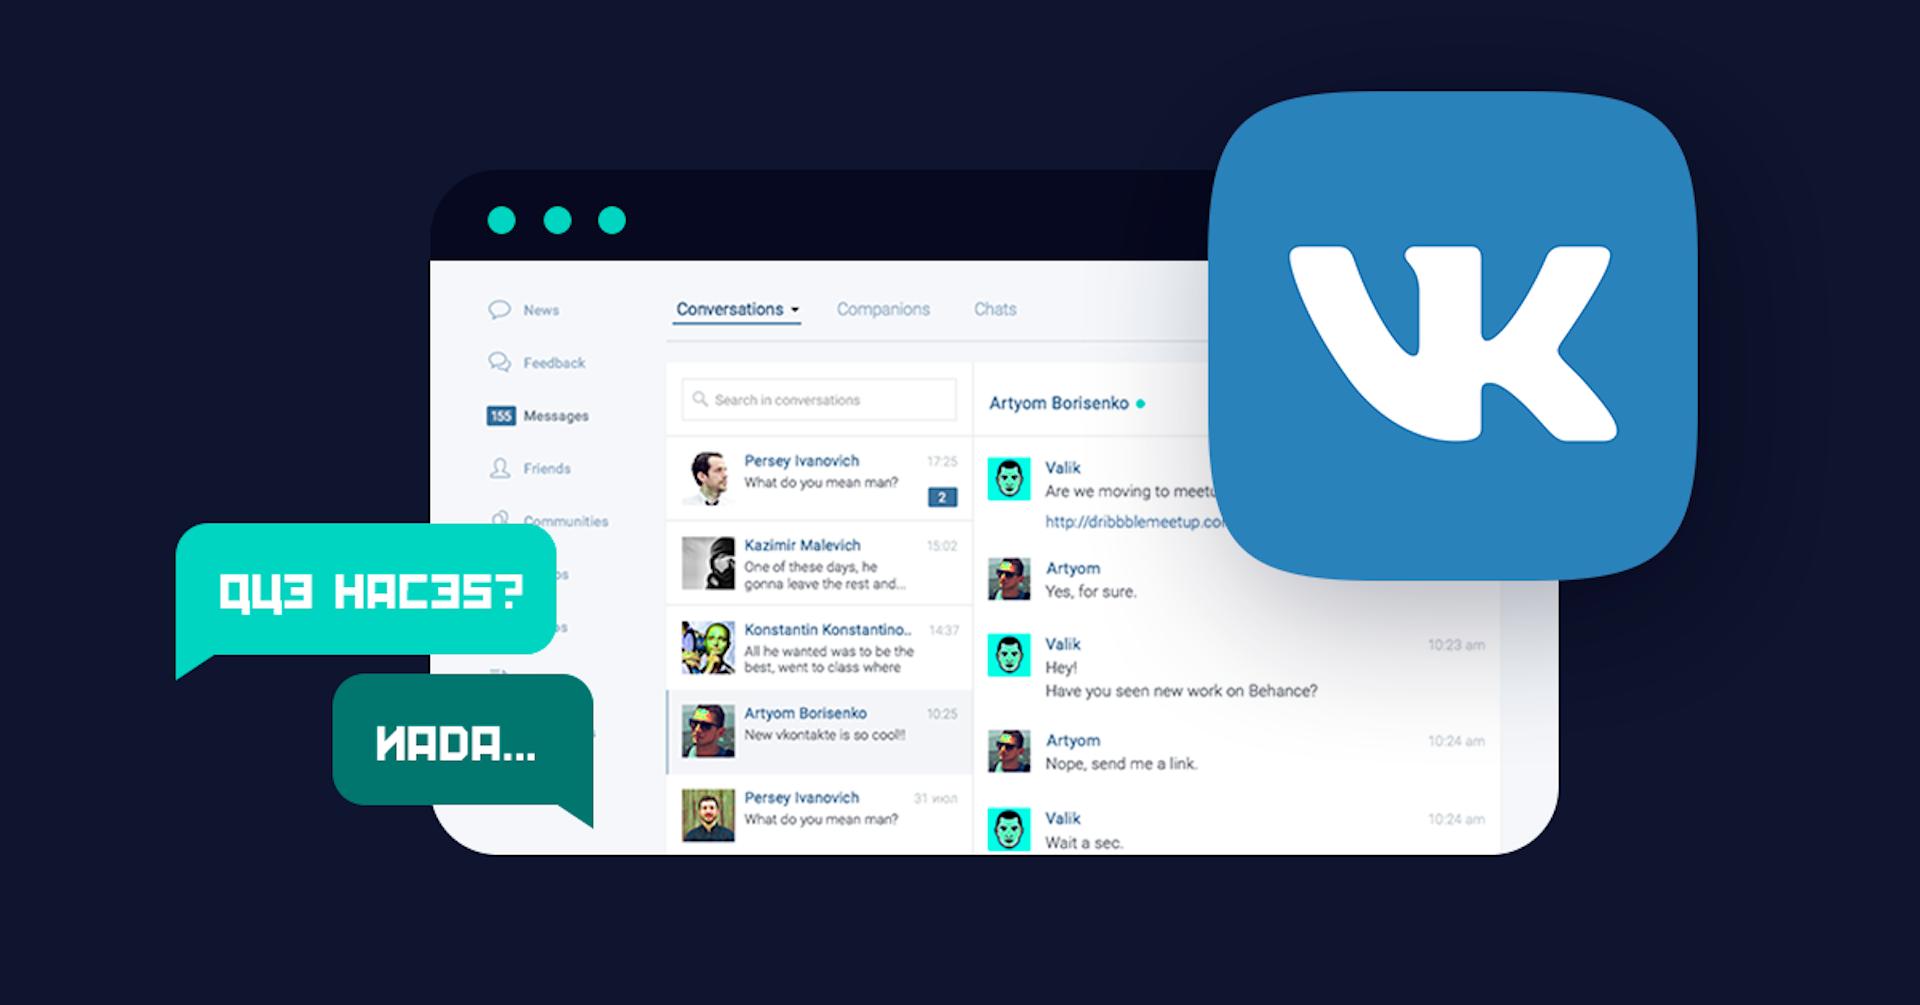 ¿Qué es Vkontakte? La red social rusa que seguro te interesará conocer